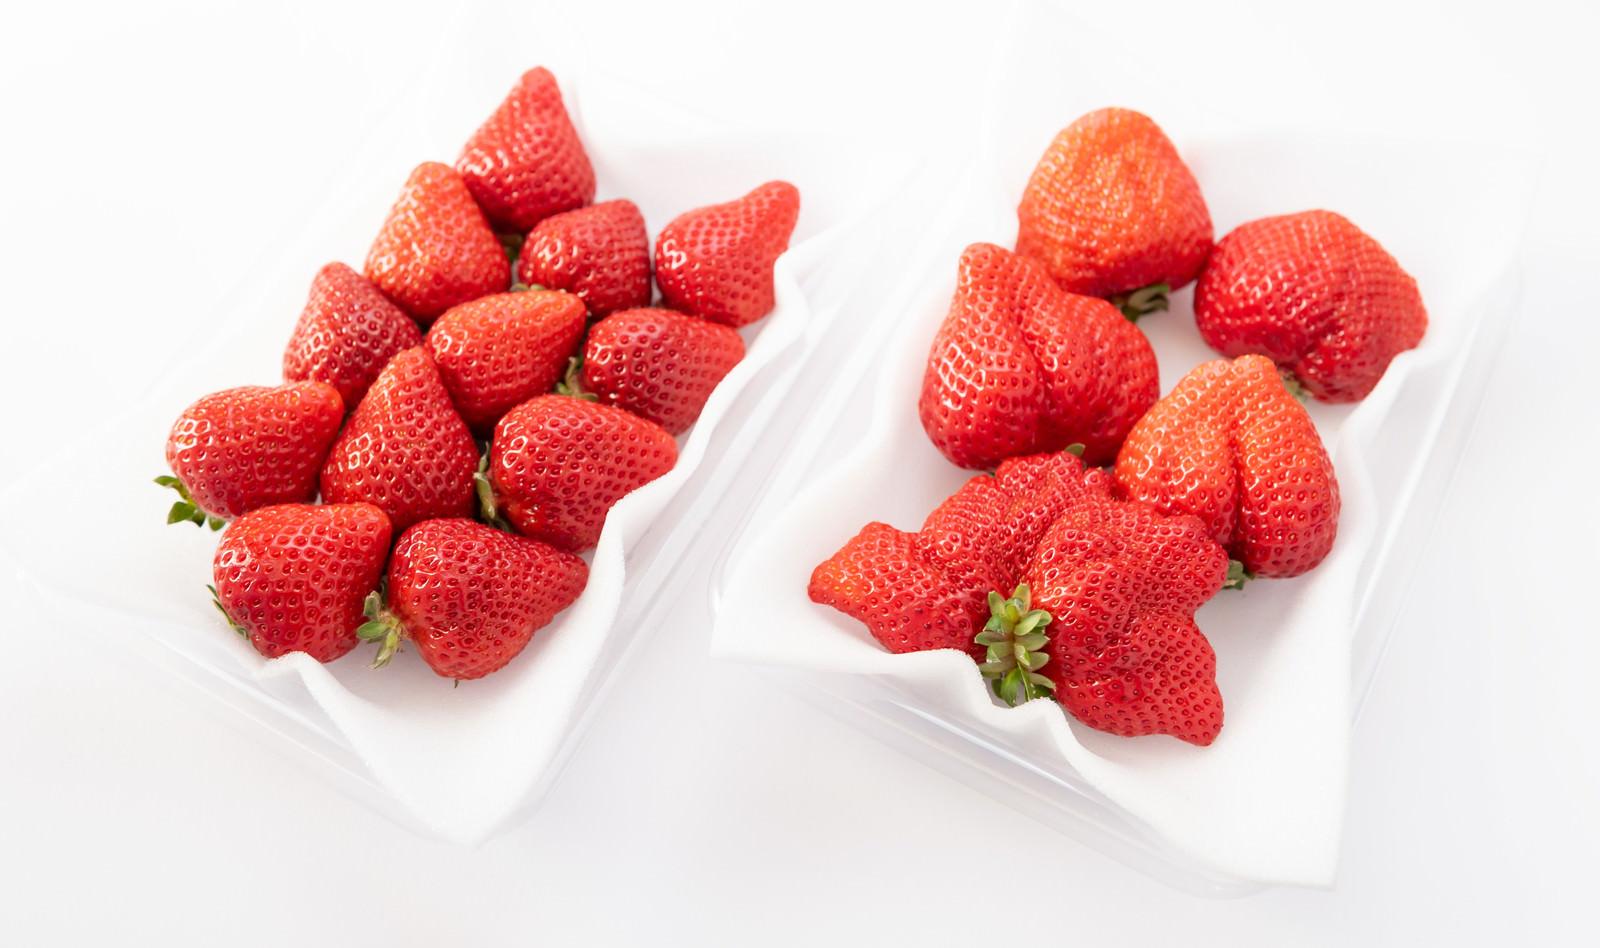 「あまおう(苺)の大粒と小粒のサイズ比較」の写真